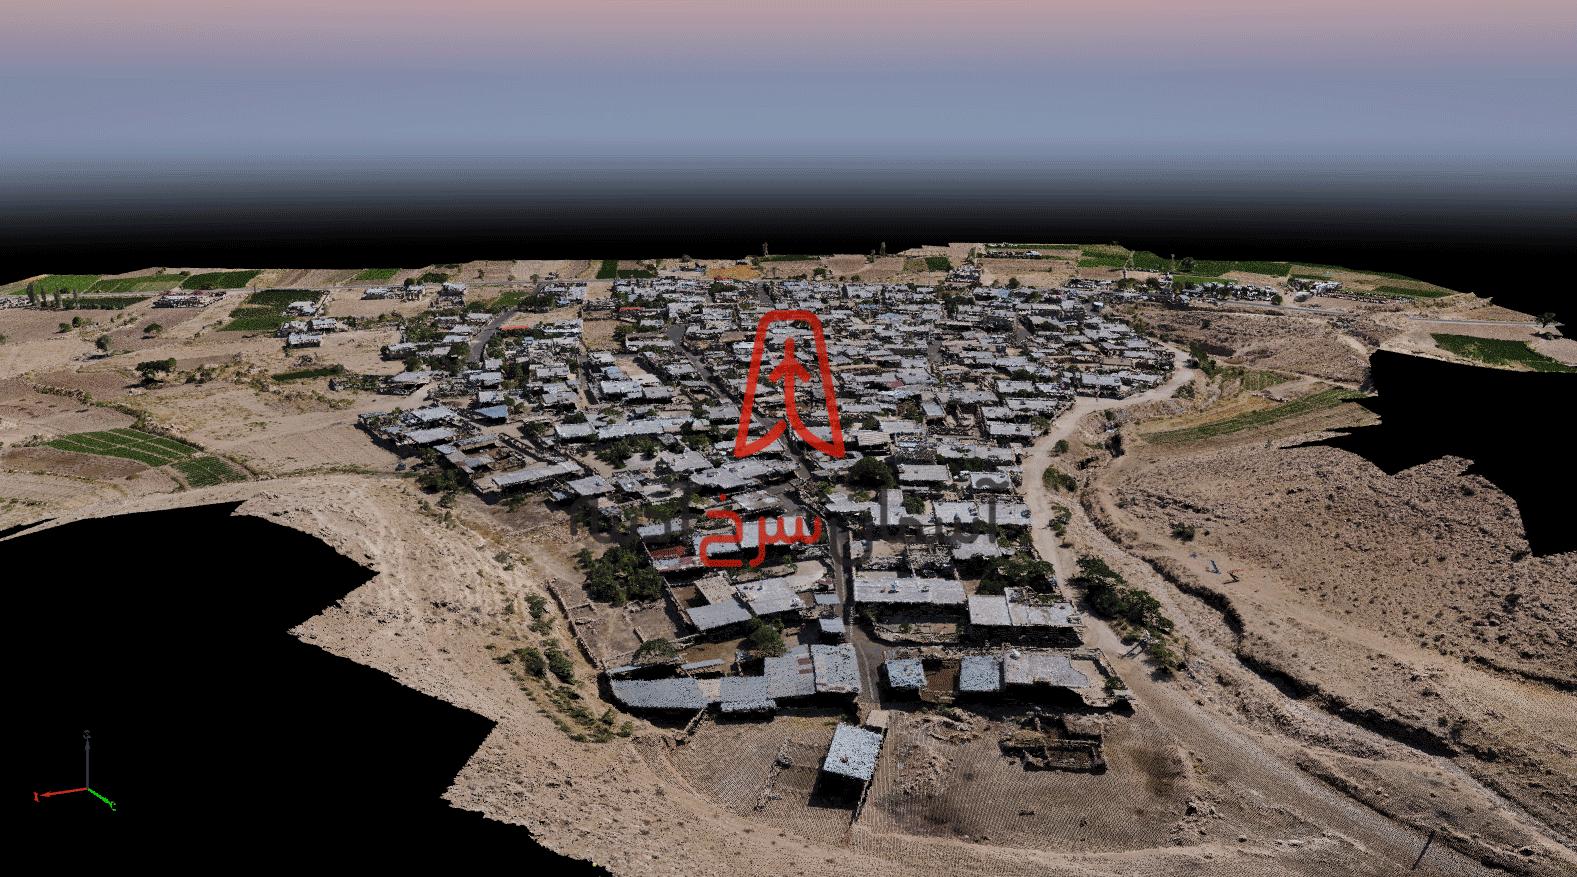 نقشه سه بعدی - نقشه برداری هوایی با پهپاد